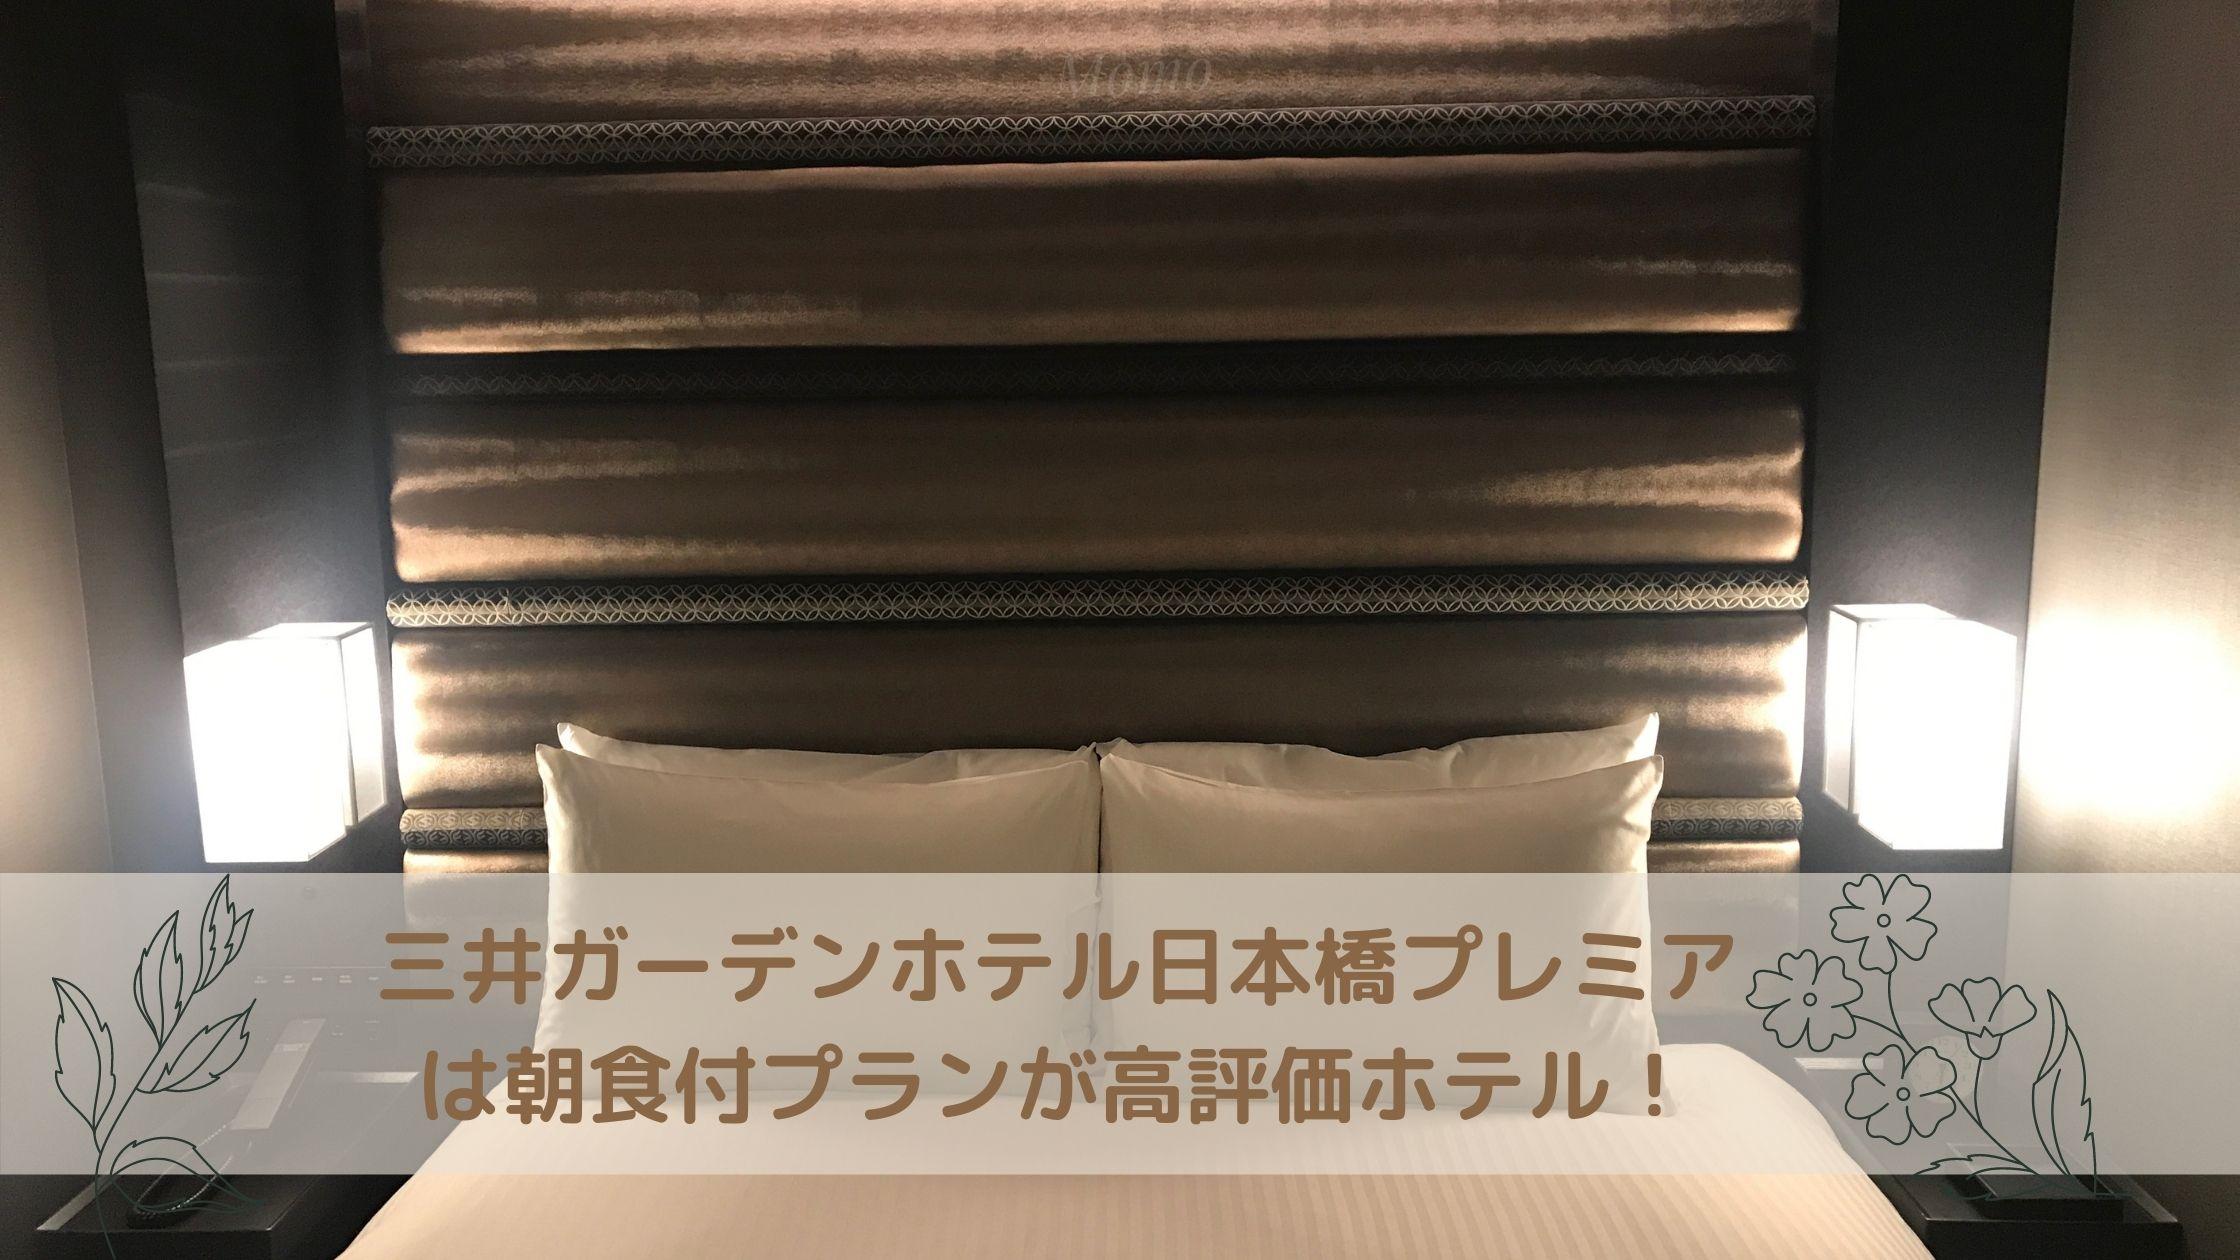 三井ガーデンホテル日本橋プレミア ブログ